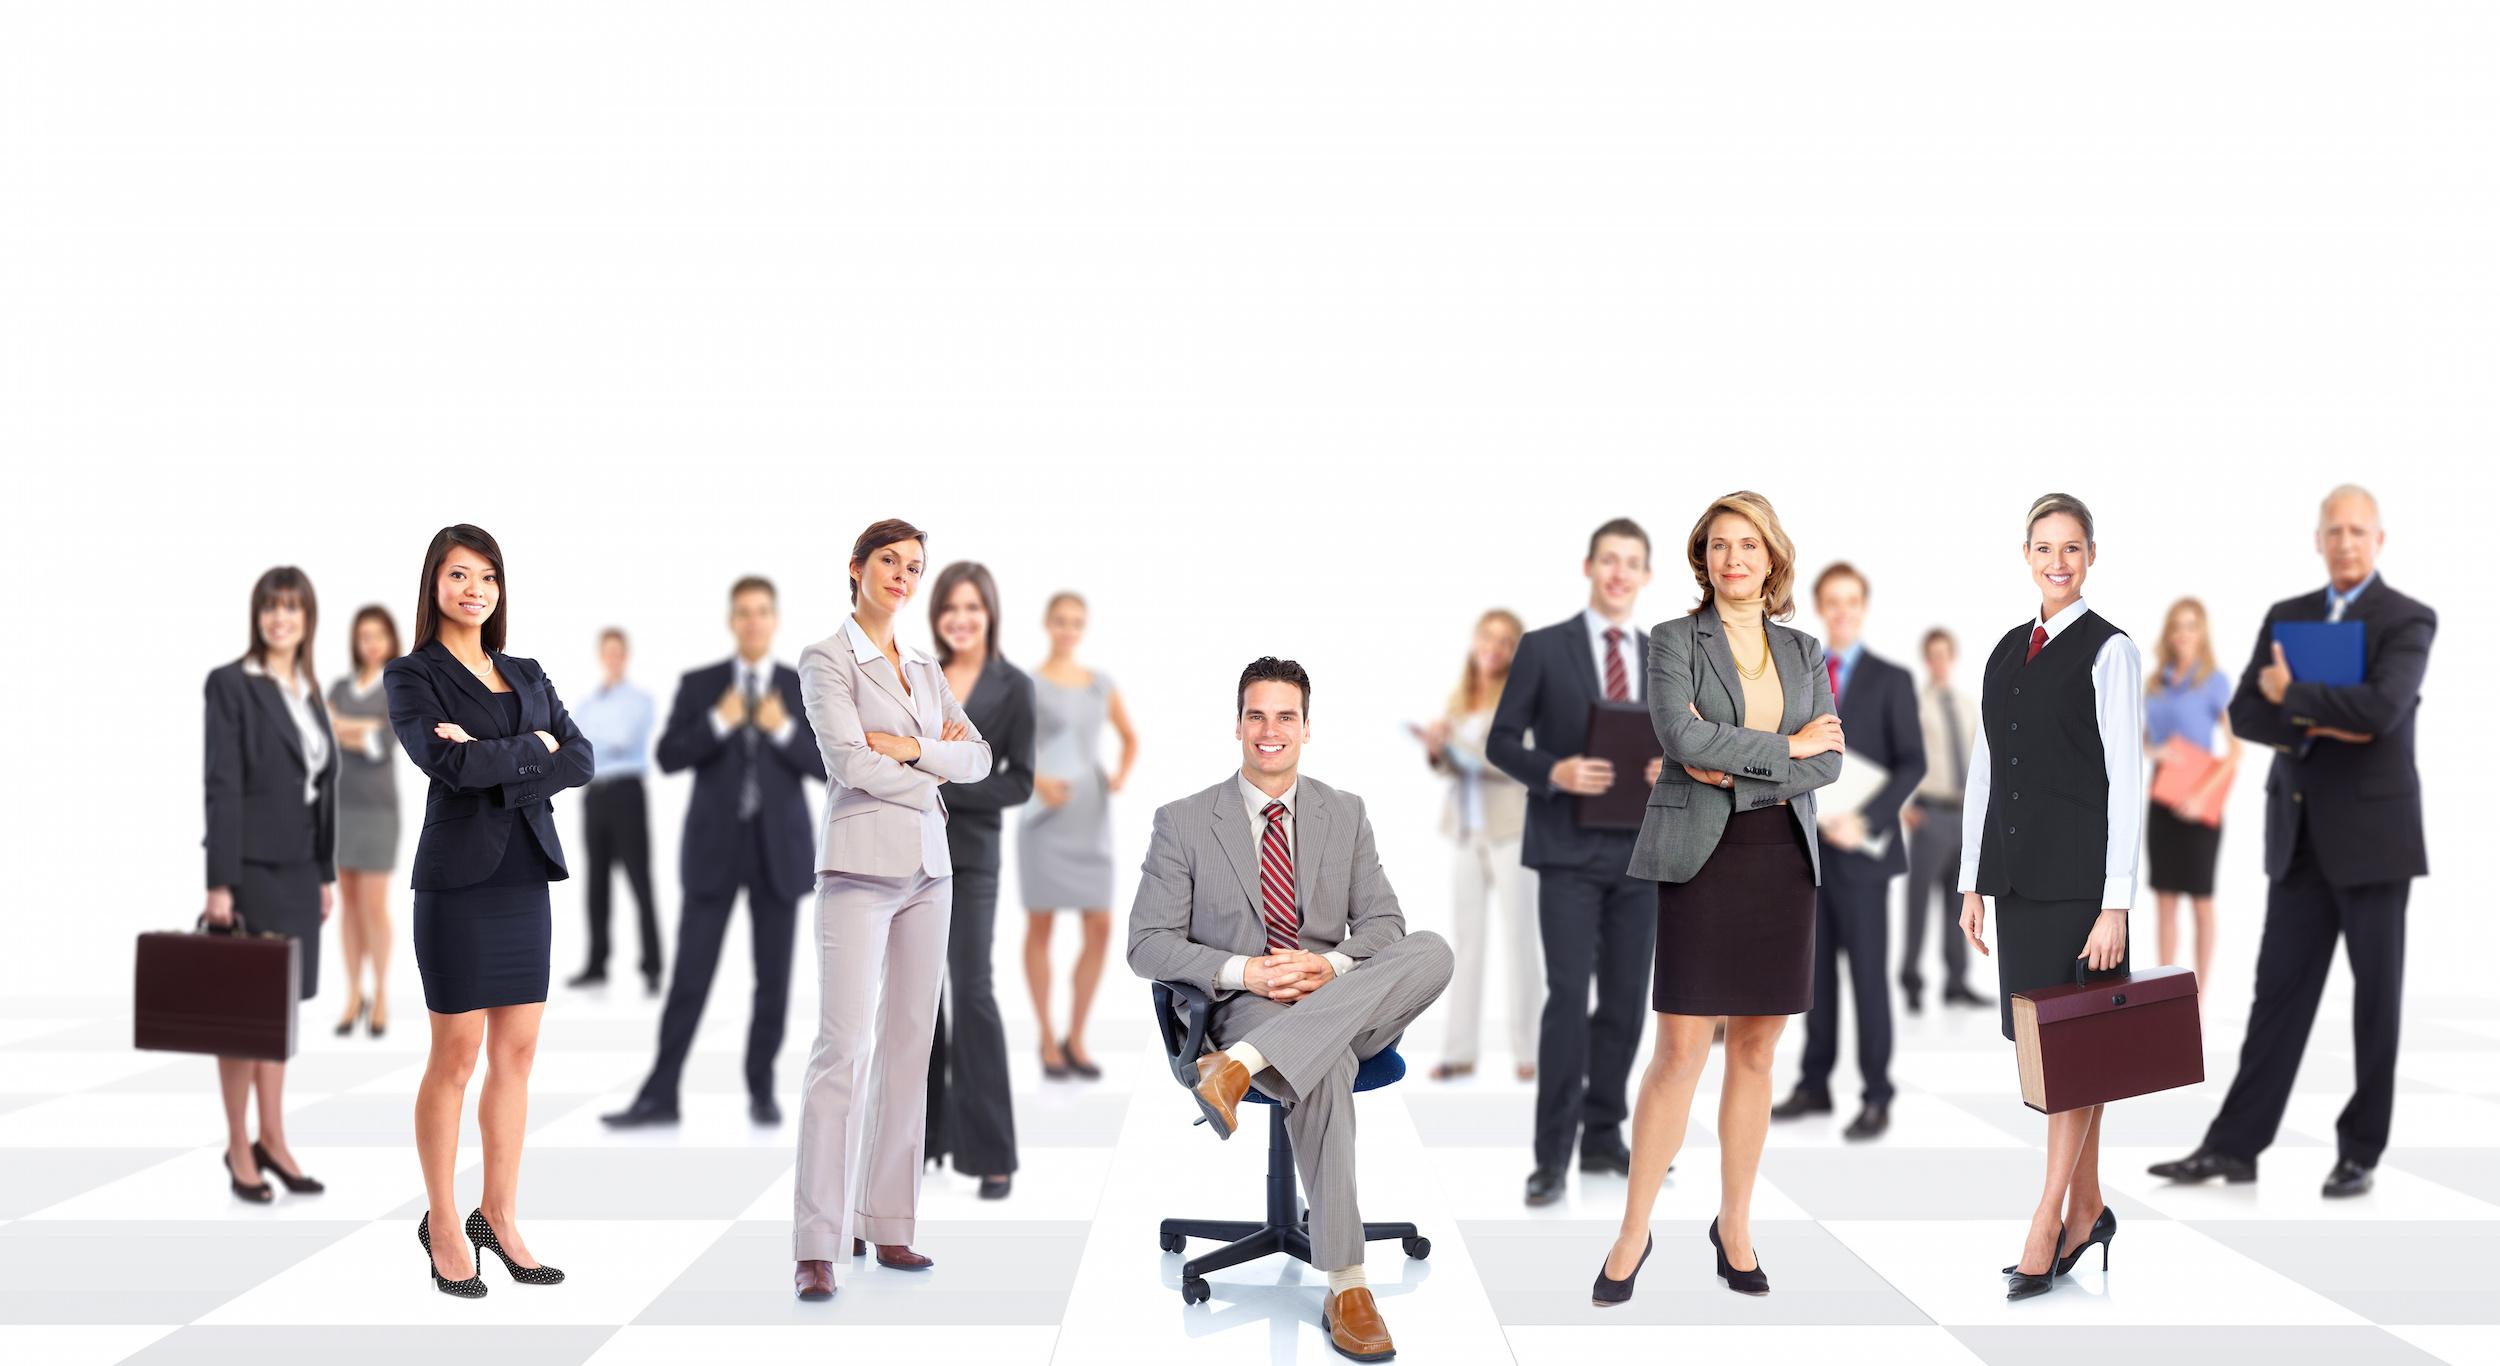 Orange County Employment Law Lawyers